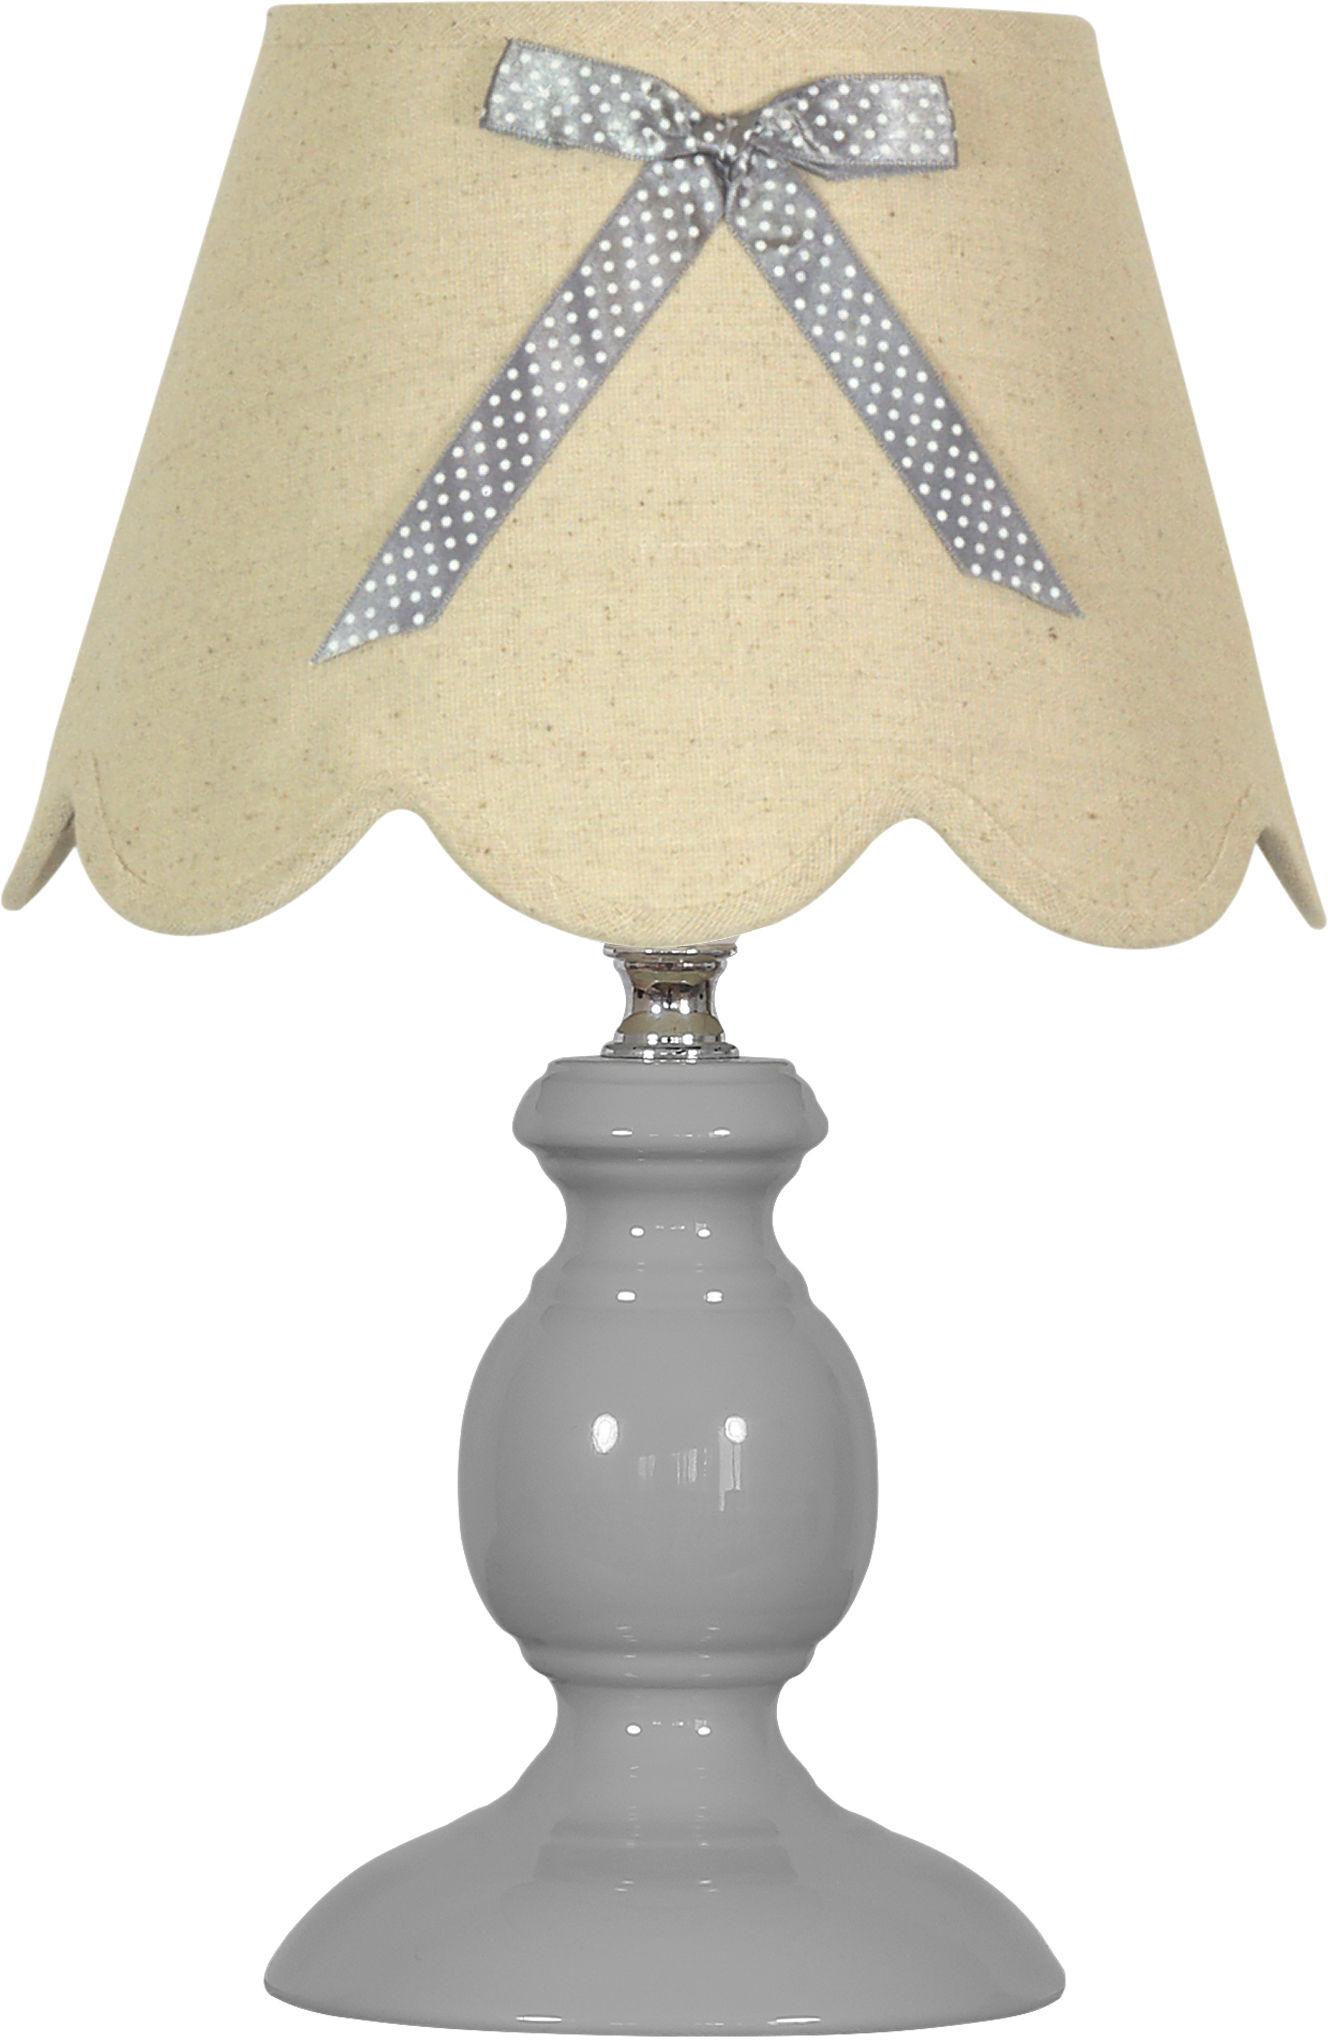 Candellux WHILMA 41-64127 lampa stołowa szara abażur z kokardą 1X40W E14 20 cm